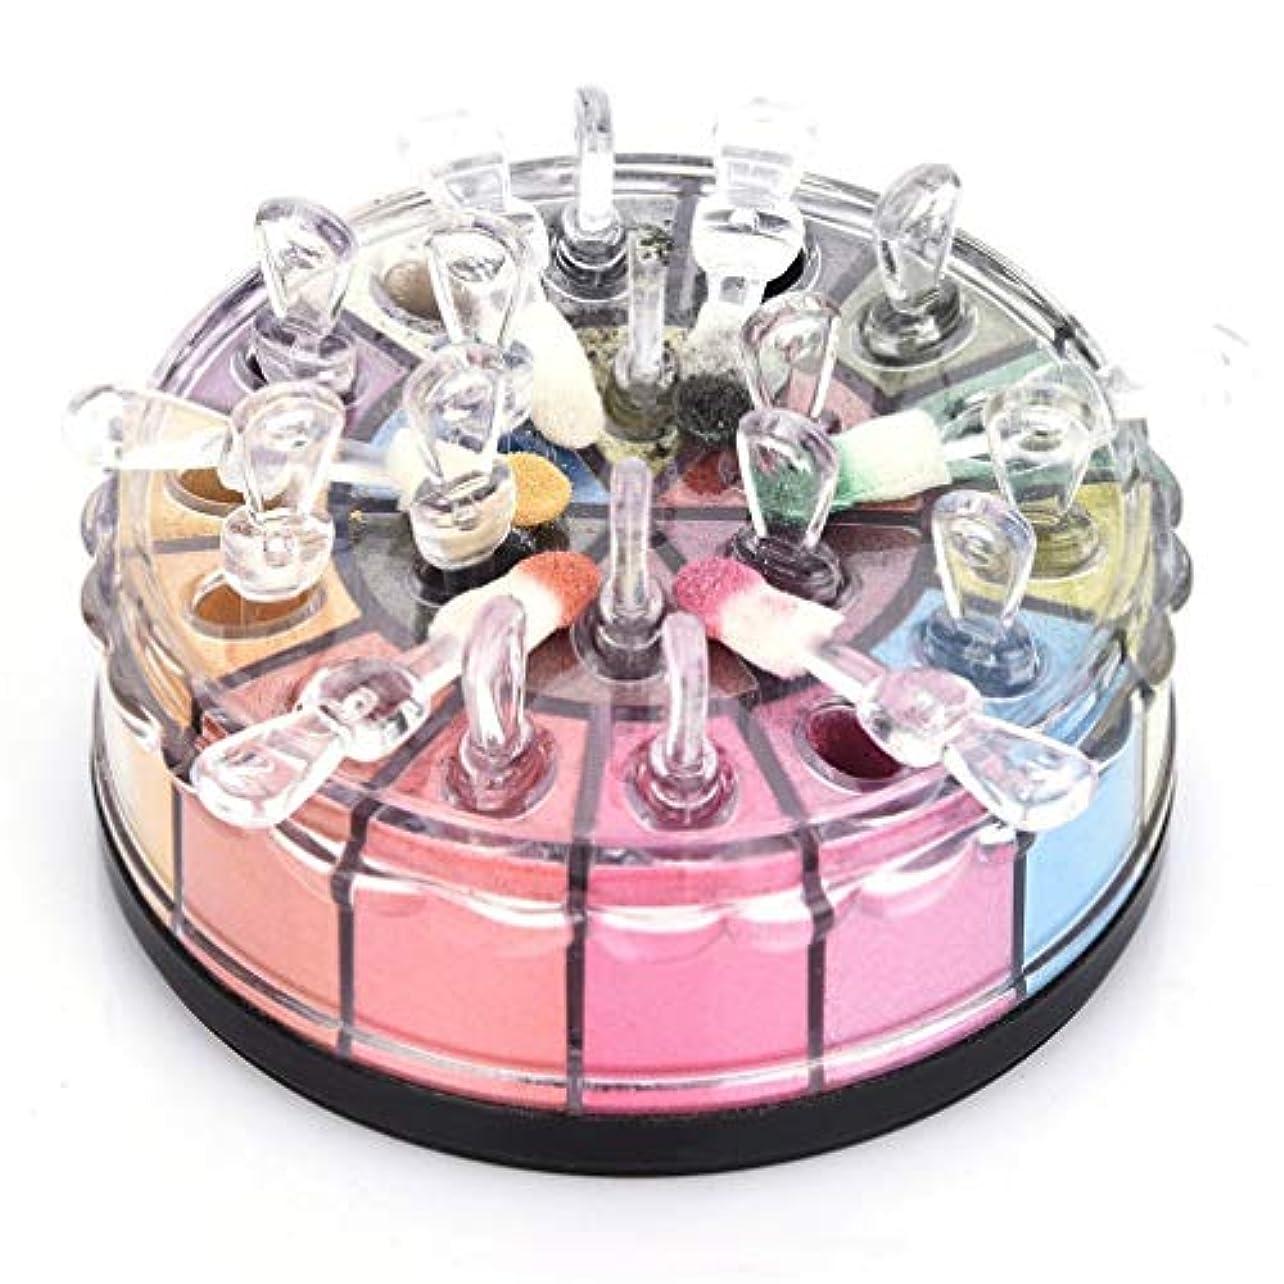 定規ディプロマ反逆20色シマーグリッターアイシャドウパウダーパレットの化粧品のメイクアップキット地球色のスモーキーアイズ顔料ミネラルアイシャドウセット